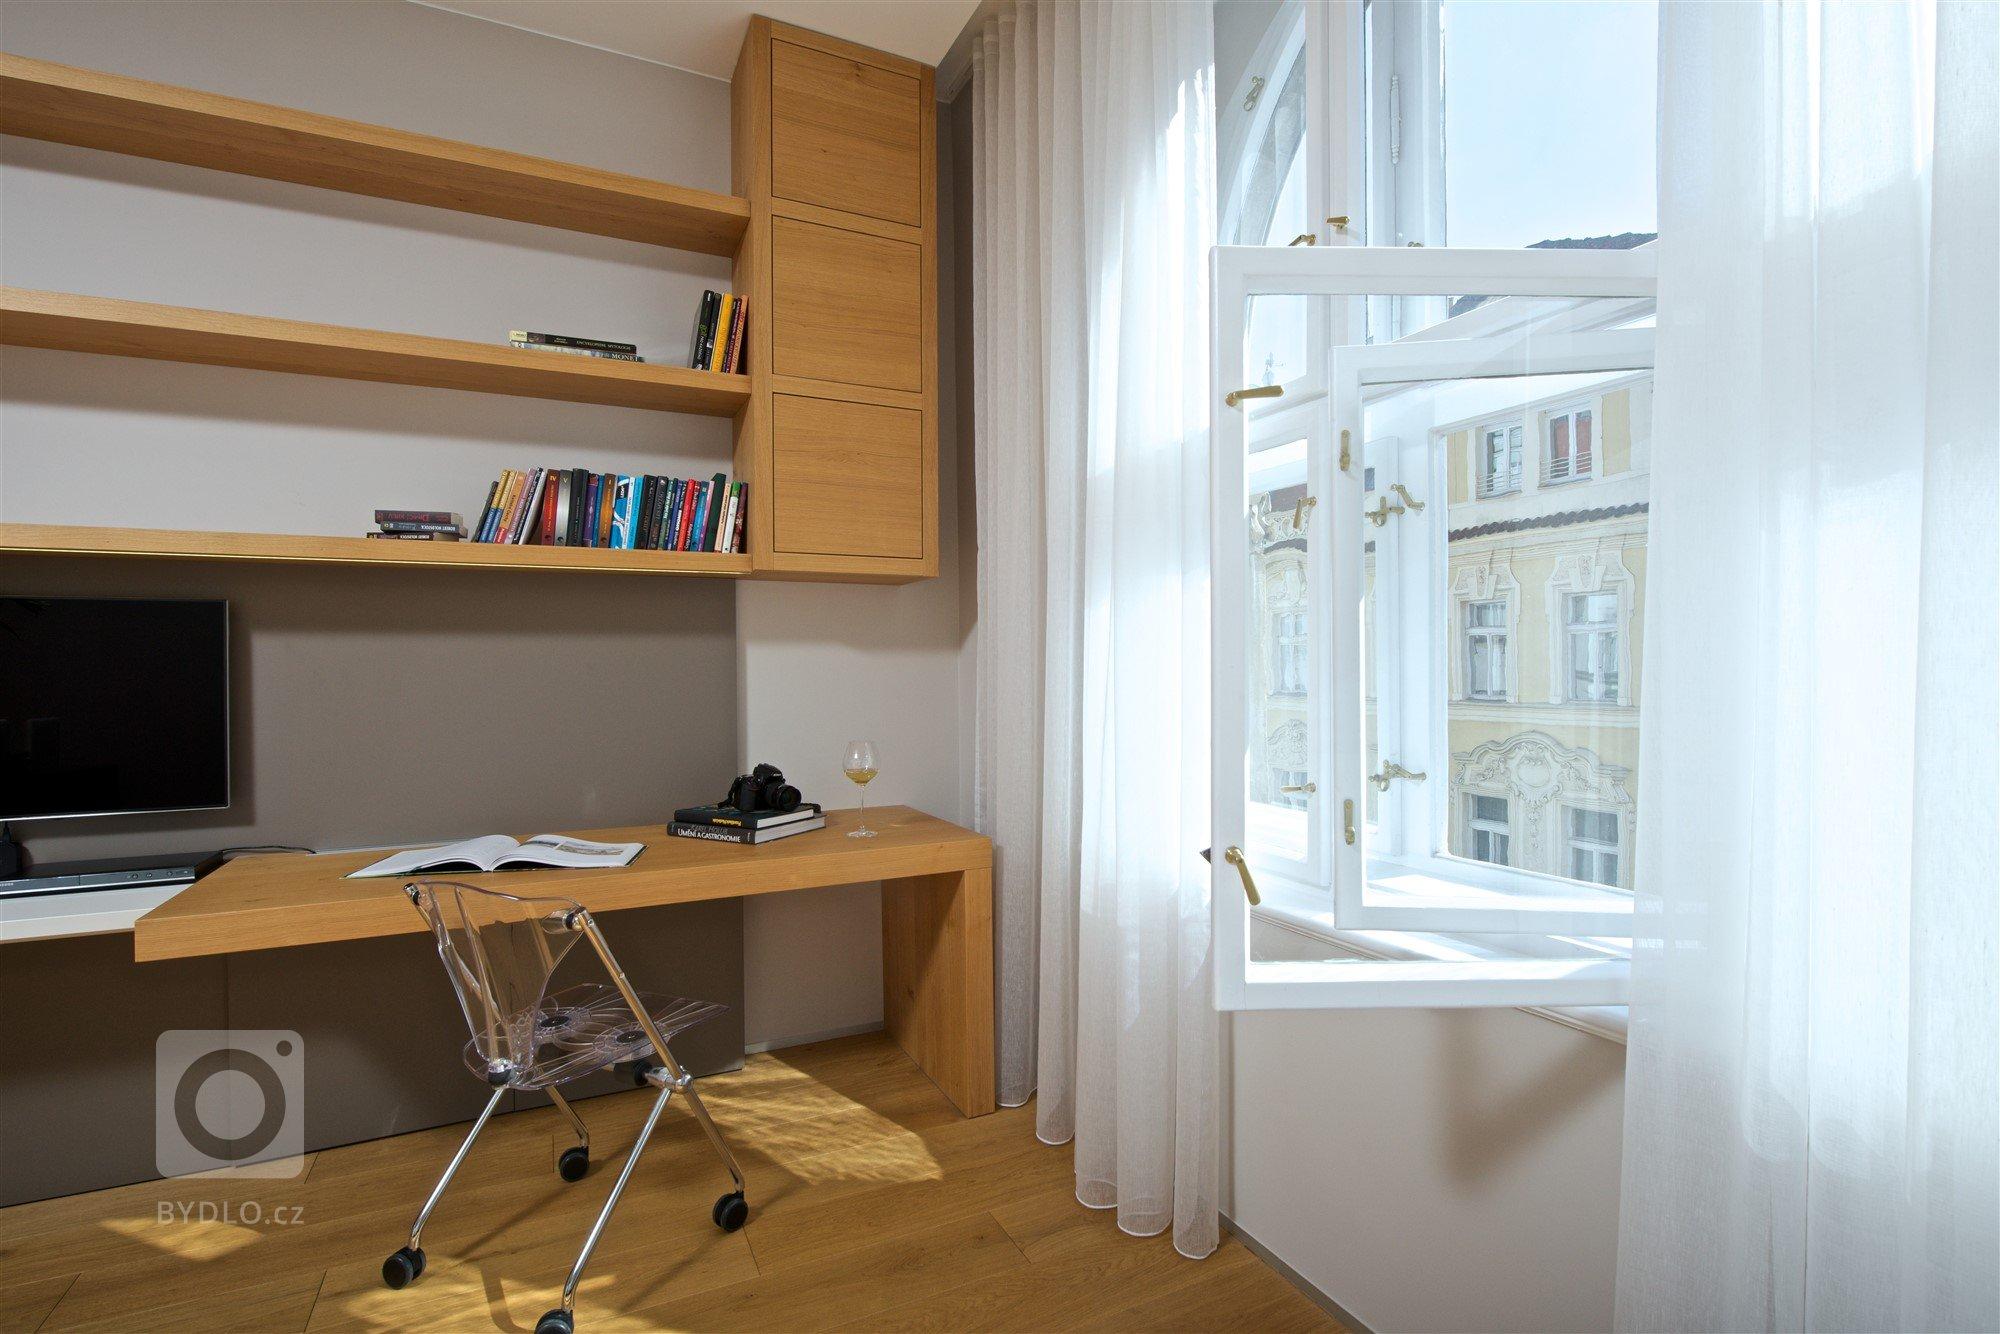 Náš dlouholetý klient koupil malý byt v prvorepublikovém domě v hlavním městě. Respektive se jedná o úzký dlouhý trakt, který působil spíše depresivně. Výhodou…